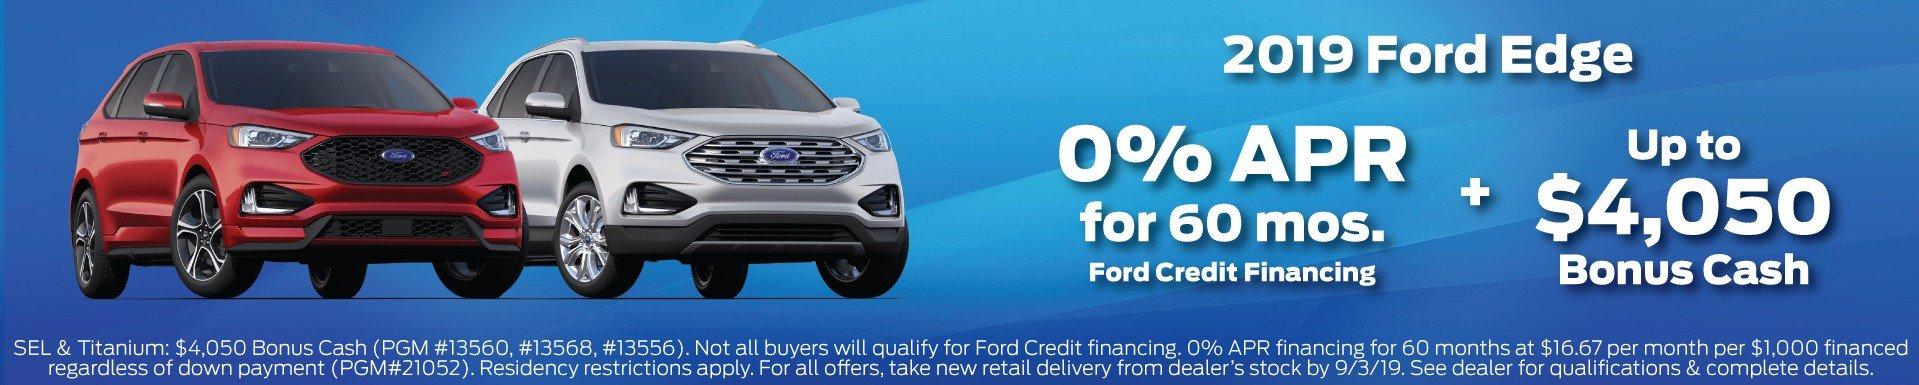 2019 Ford Edge Offer 7-2019